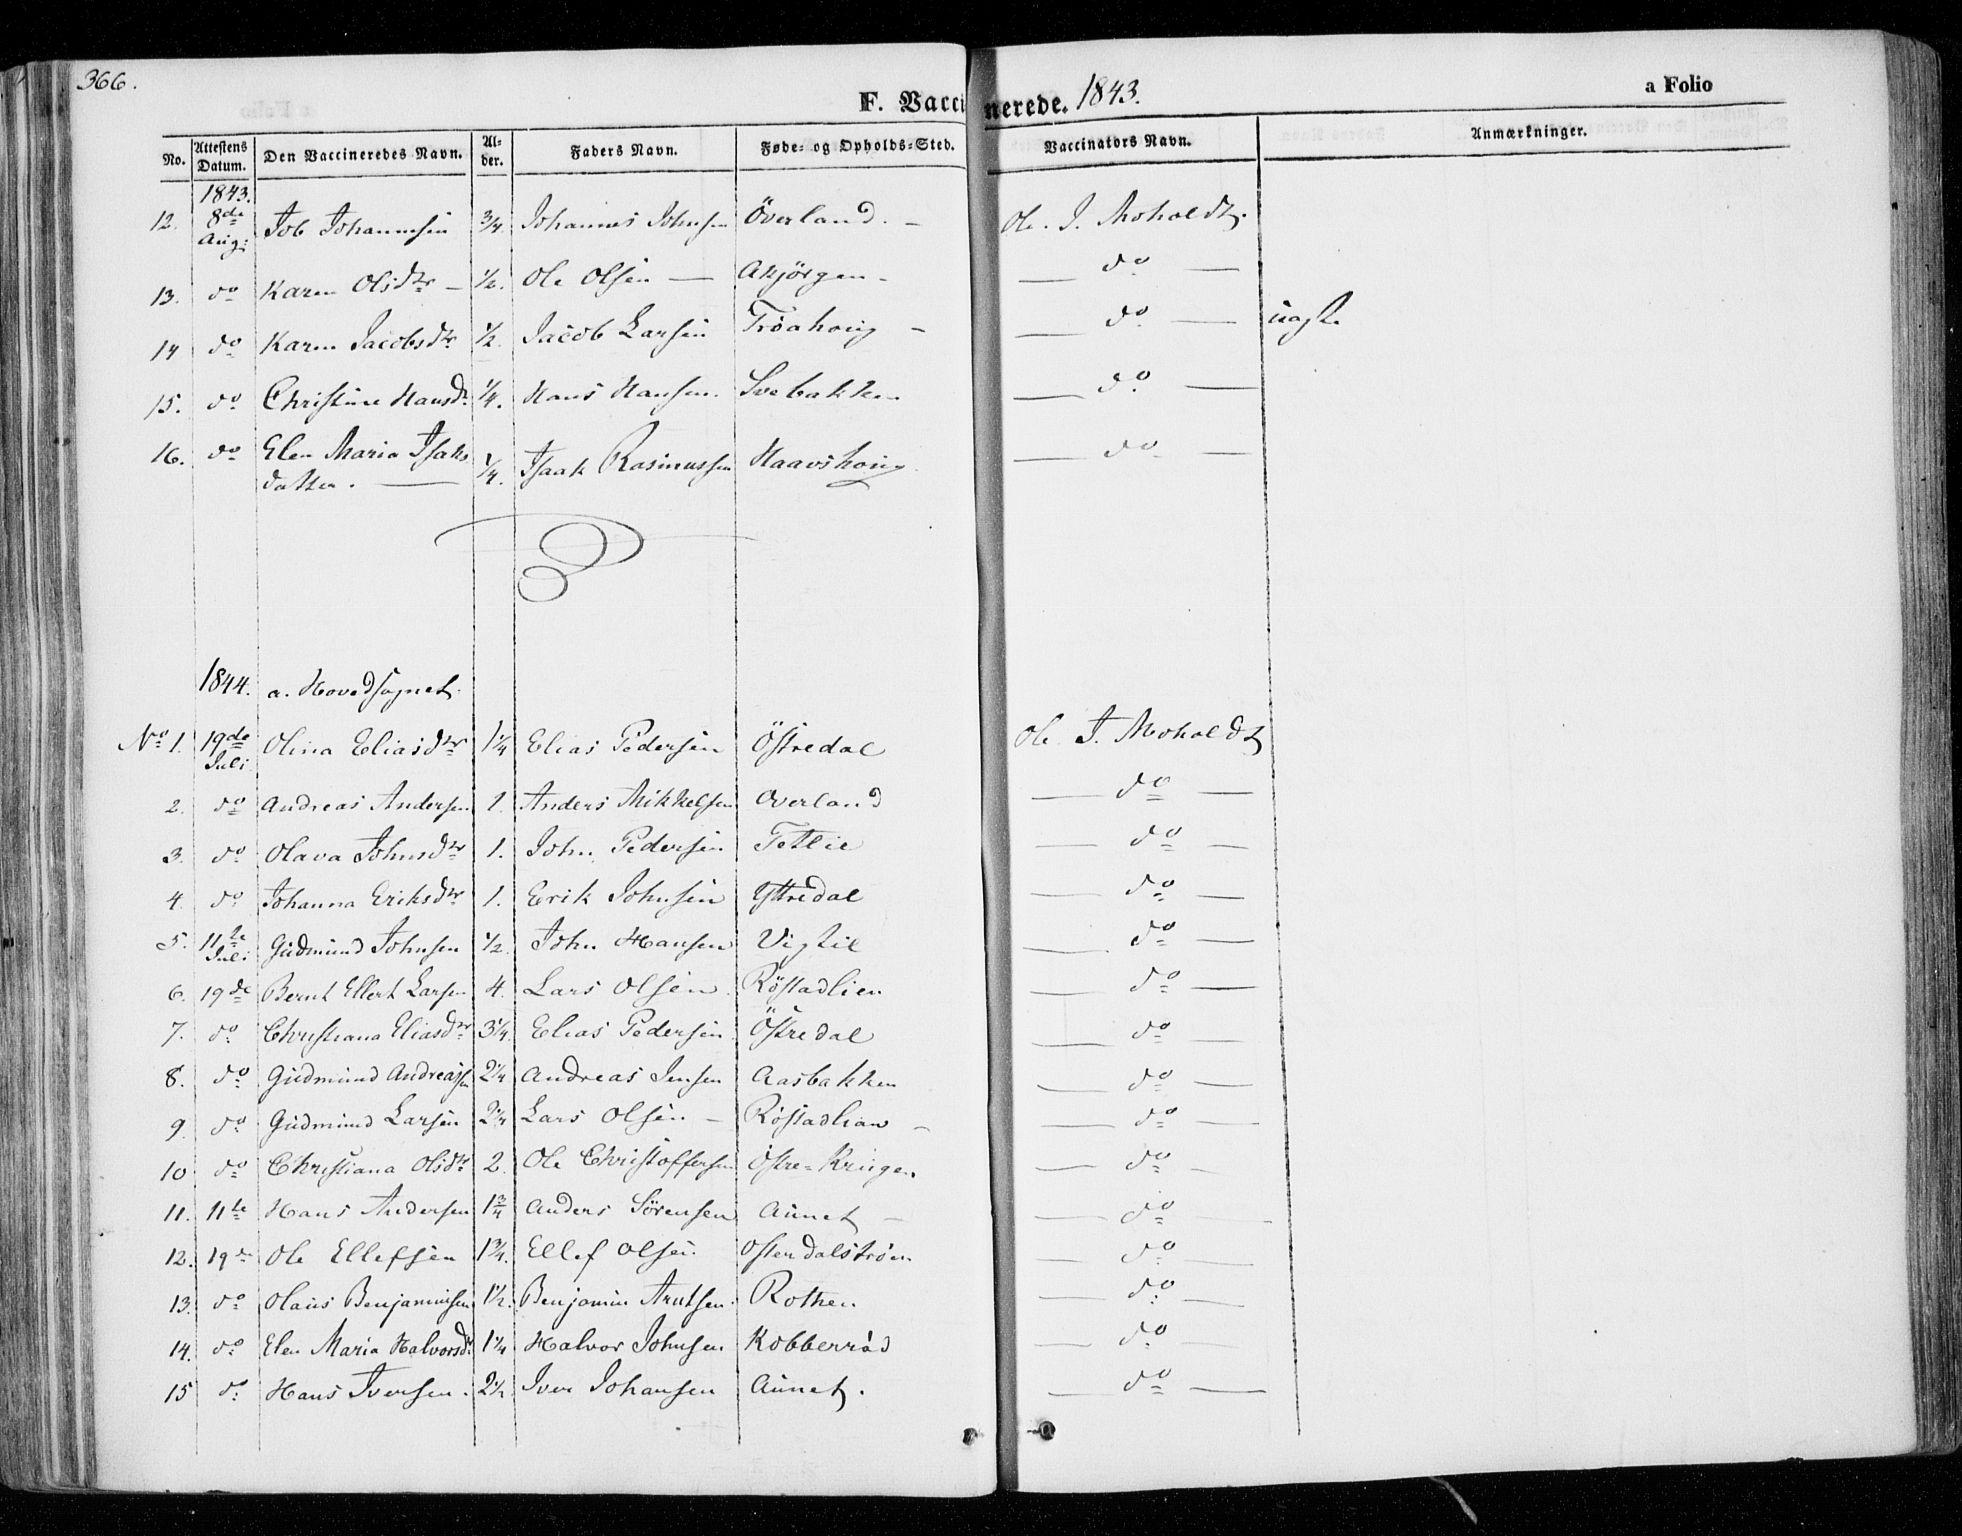 SAT, Ministerialprotokoller, klokkerbøker og fødselsregistre - Nord-Trøndelag, 701/L0007: Parish register (official) no. 701A07 /1, 1842-1854, p. 366